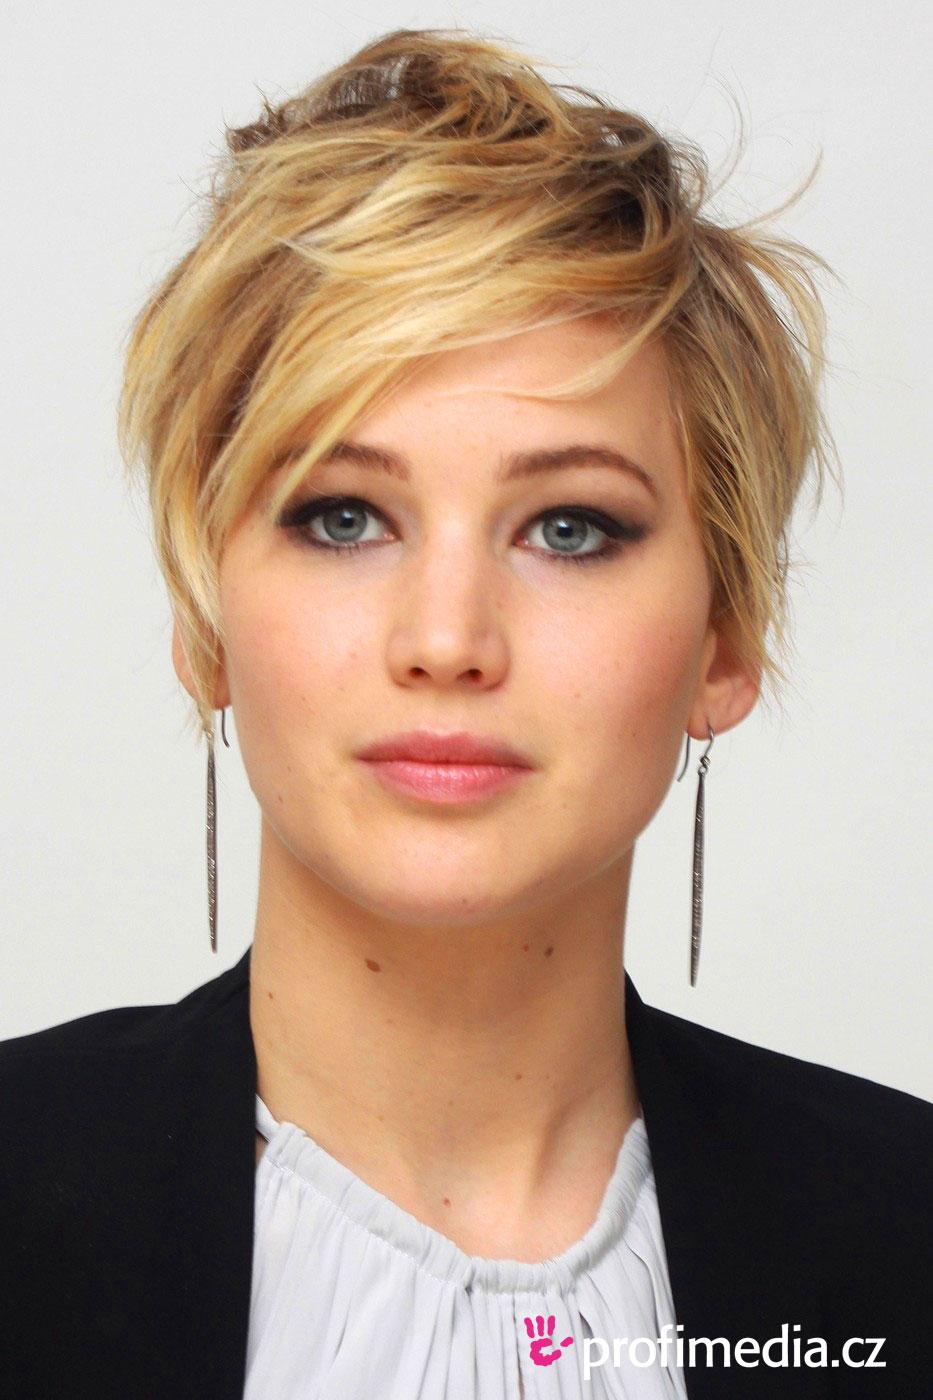 Jennifer Lawrence fotos wallpapers juegos del hambre actriz